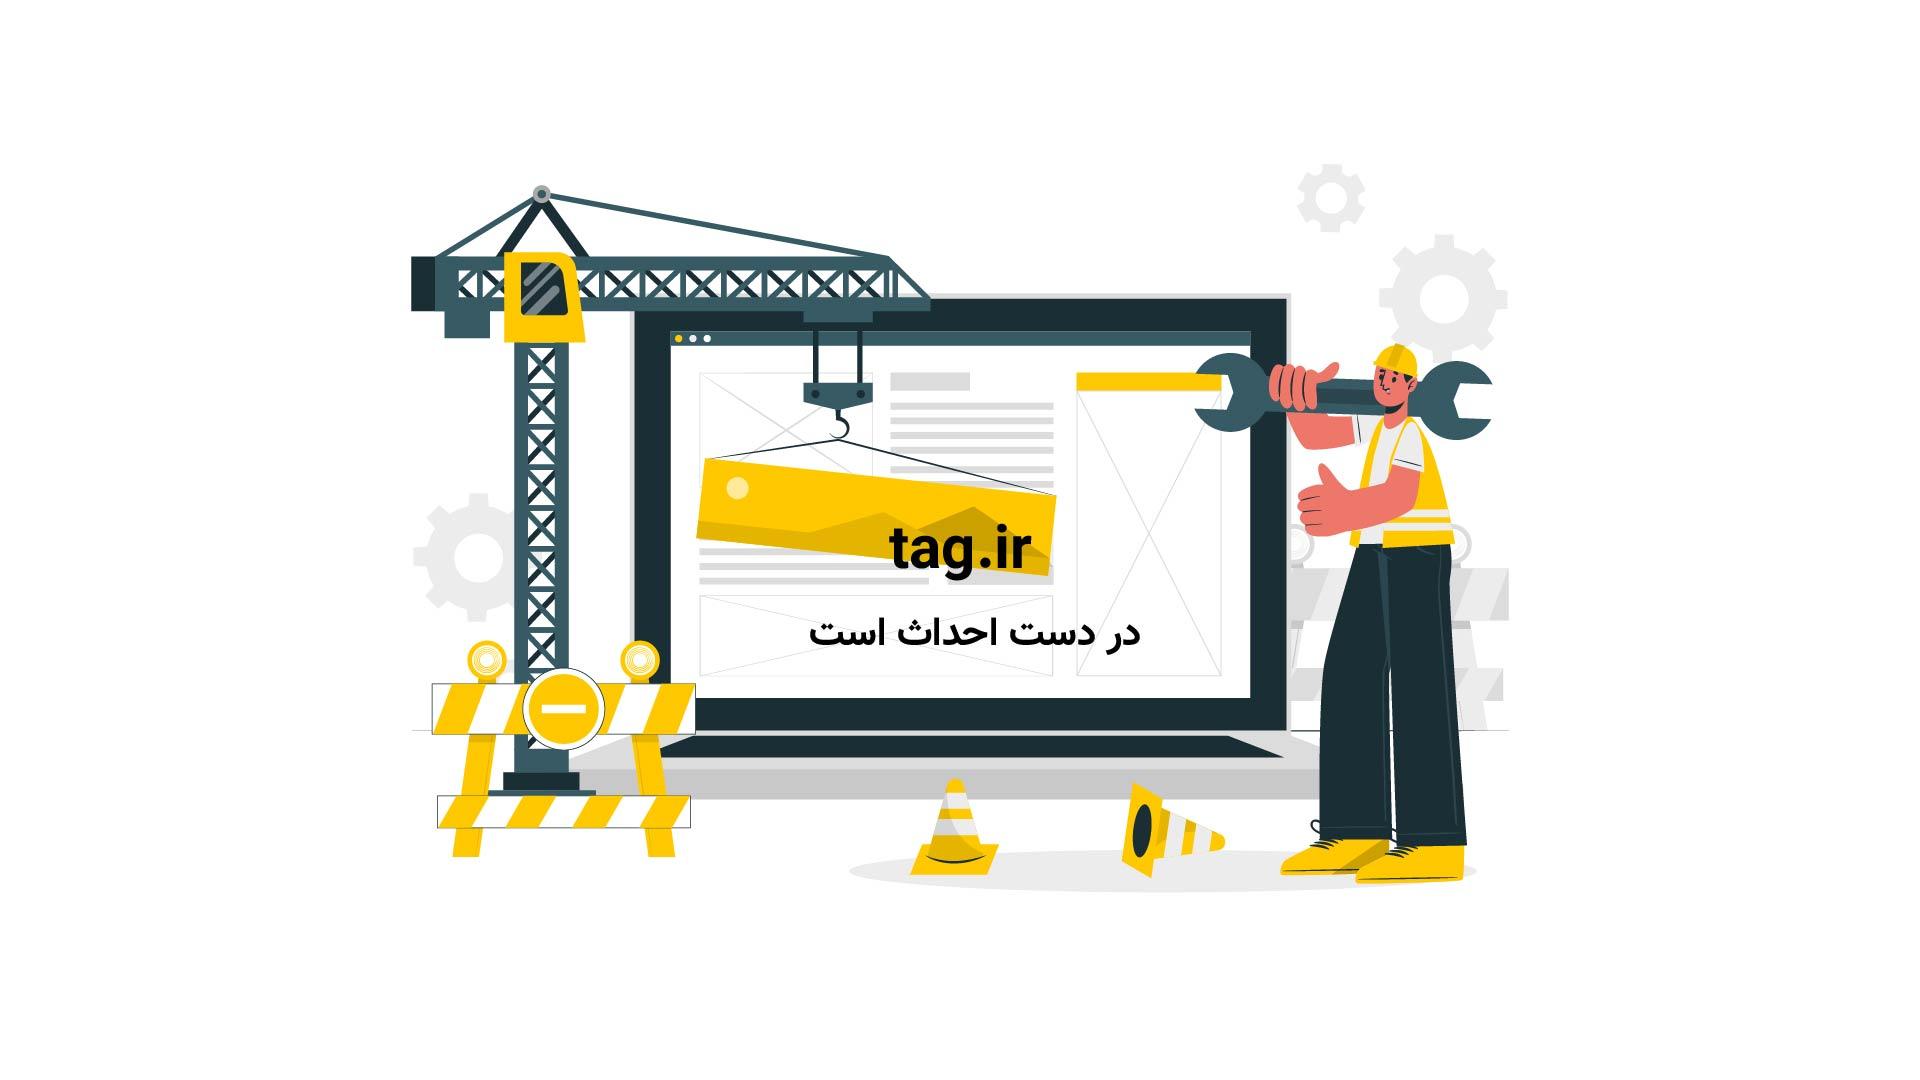 انیمیشن گربه سایمون؛ این قسمت وظایف کریسمس | فیلم